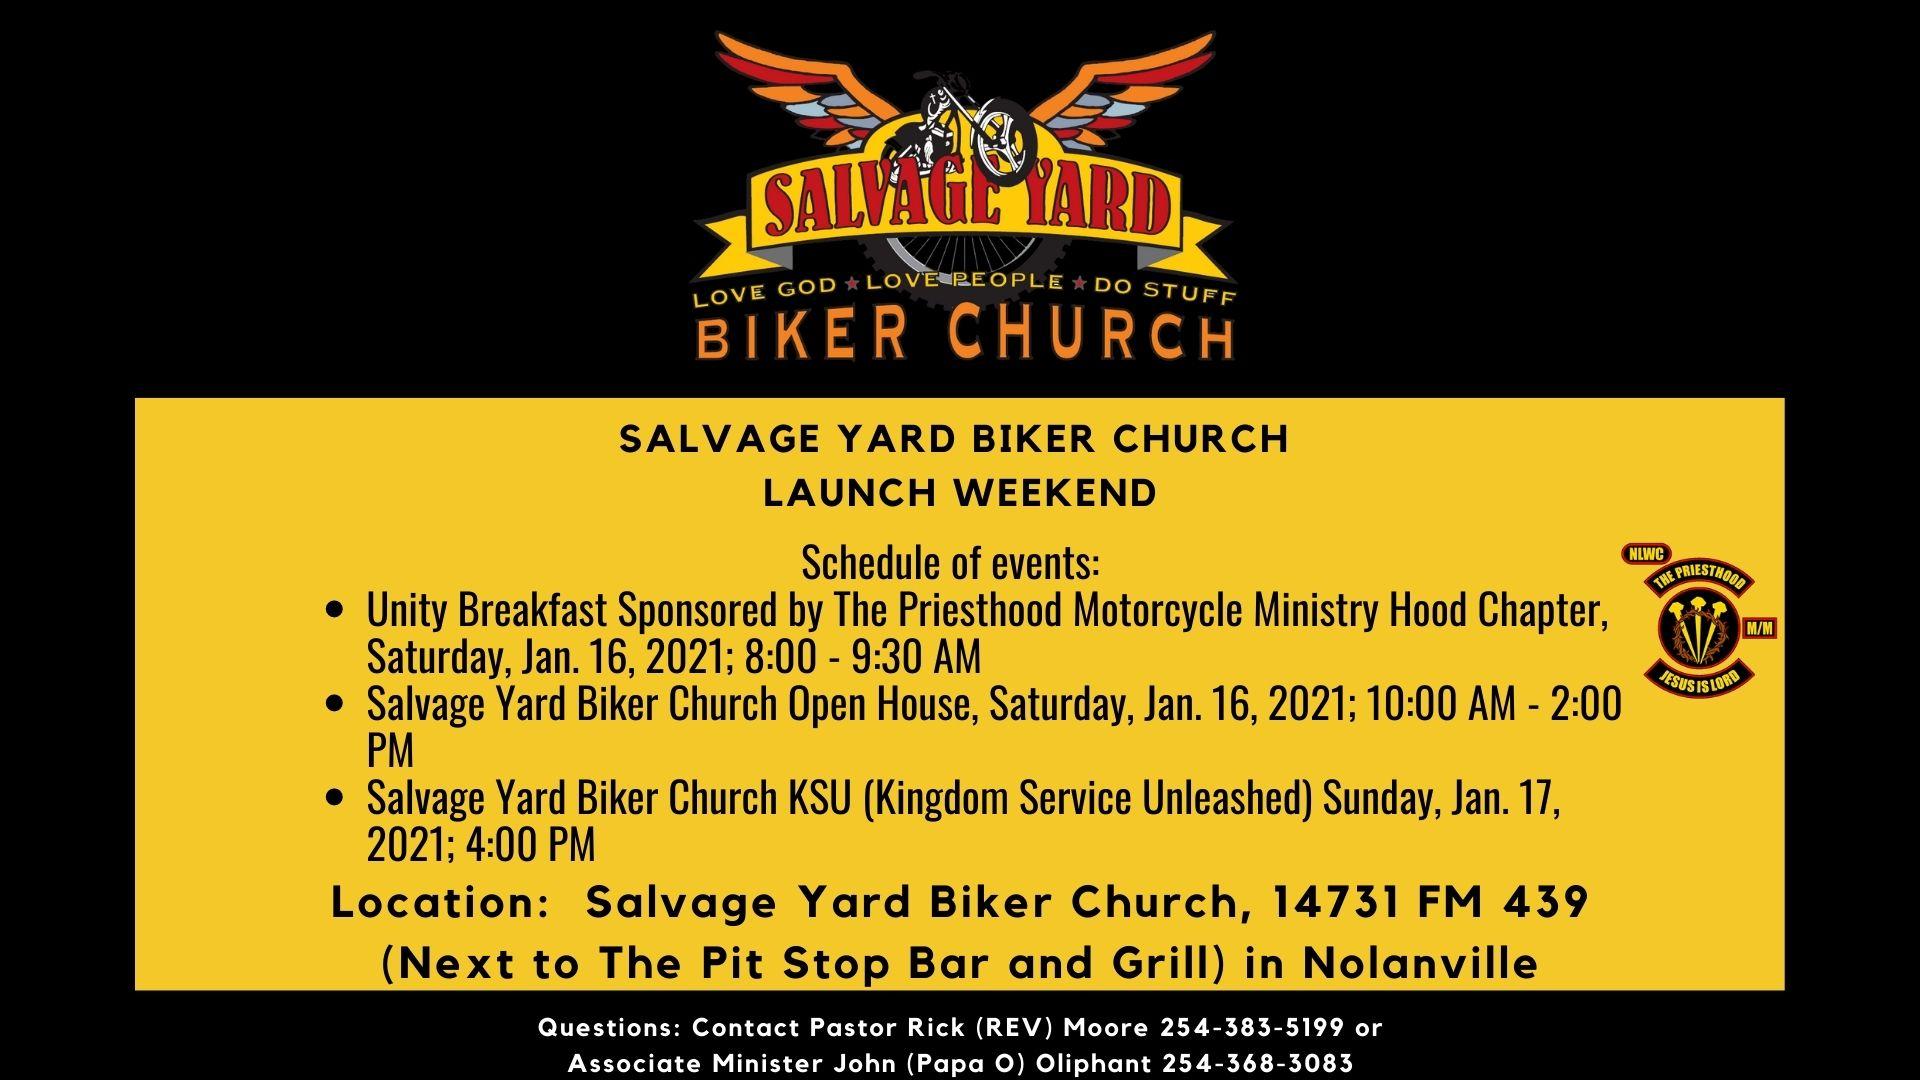 SYBC Launch Weekend